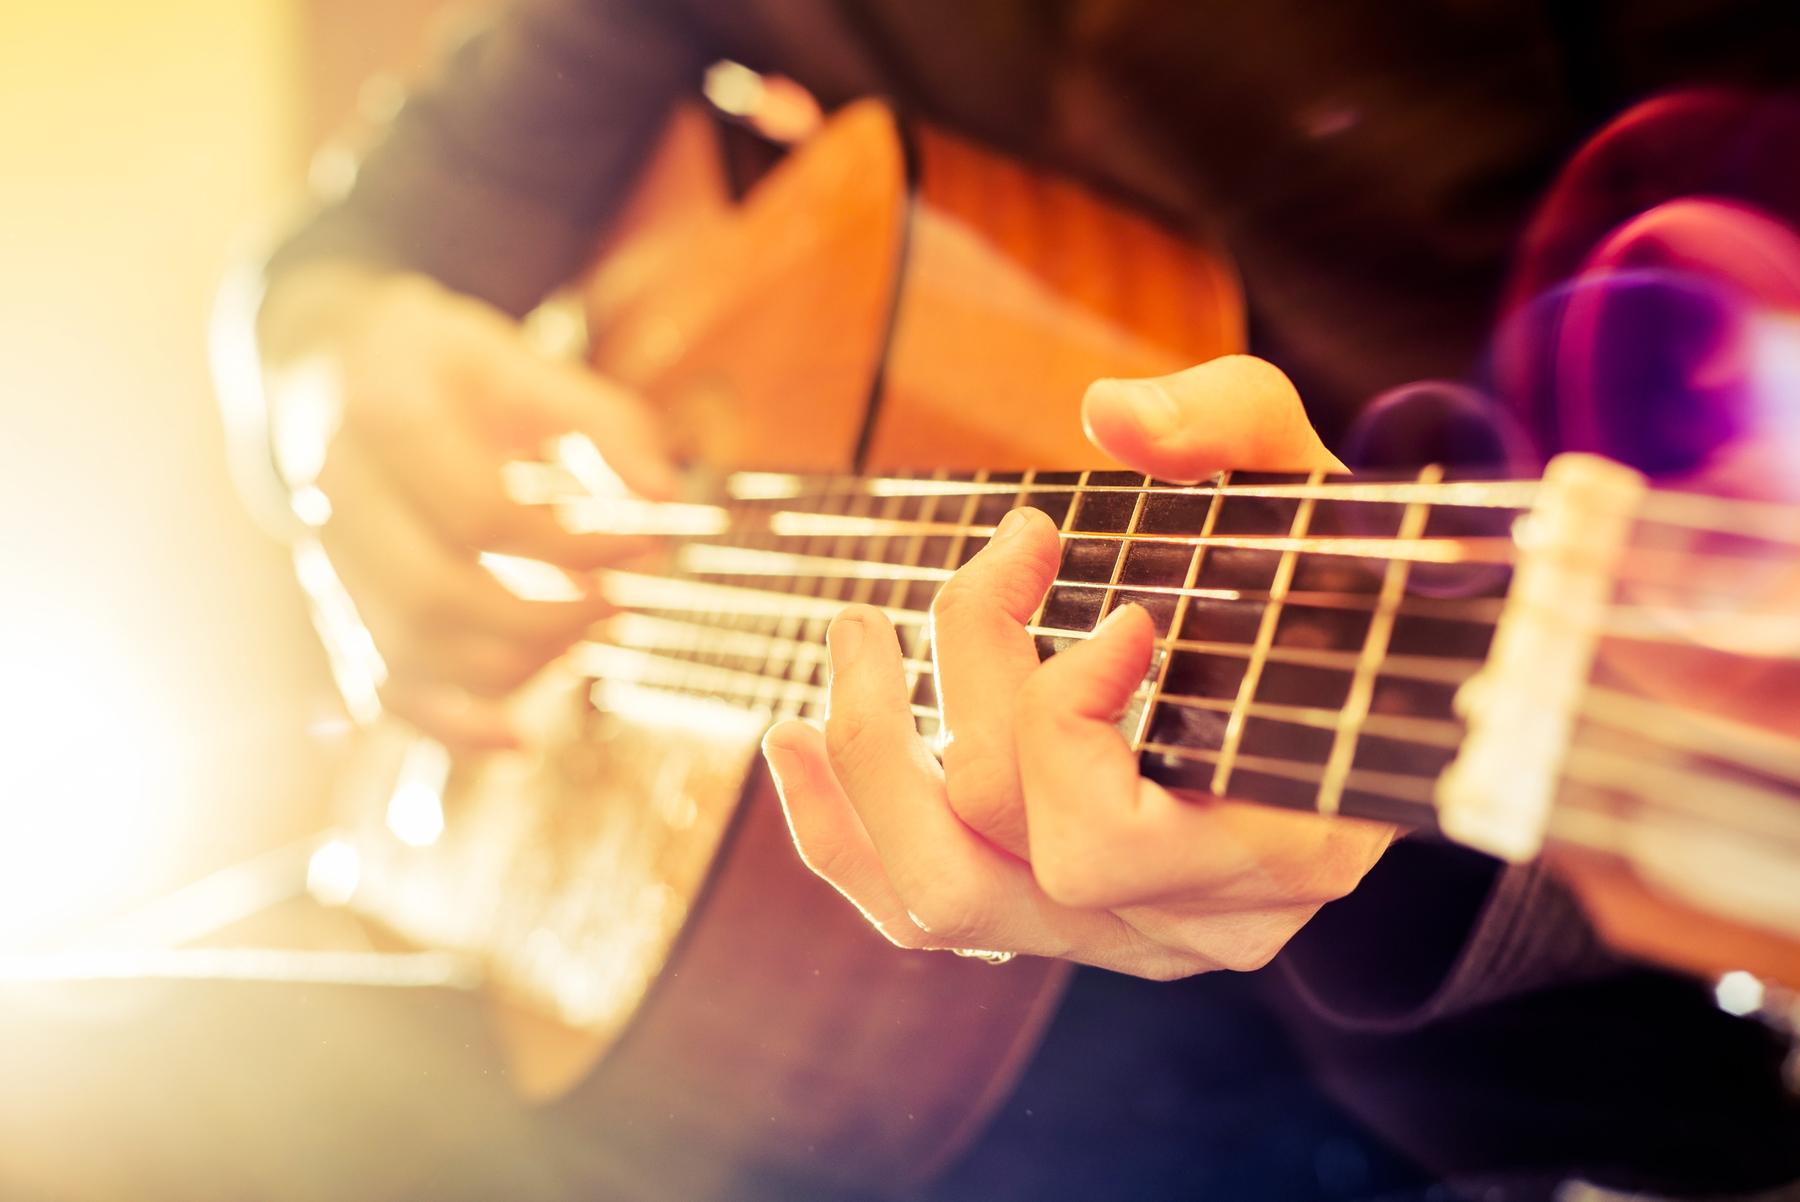 Ручная кладь в «Аэрофлоте»: правила провоза музыкальных инструментов